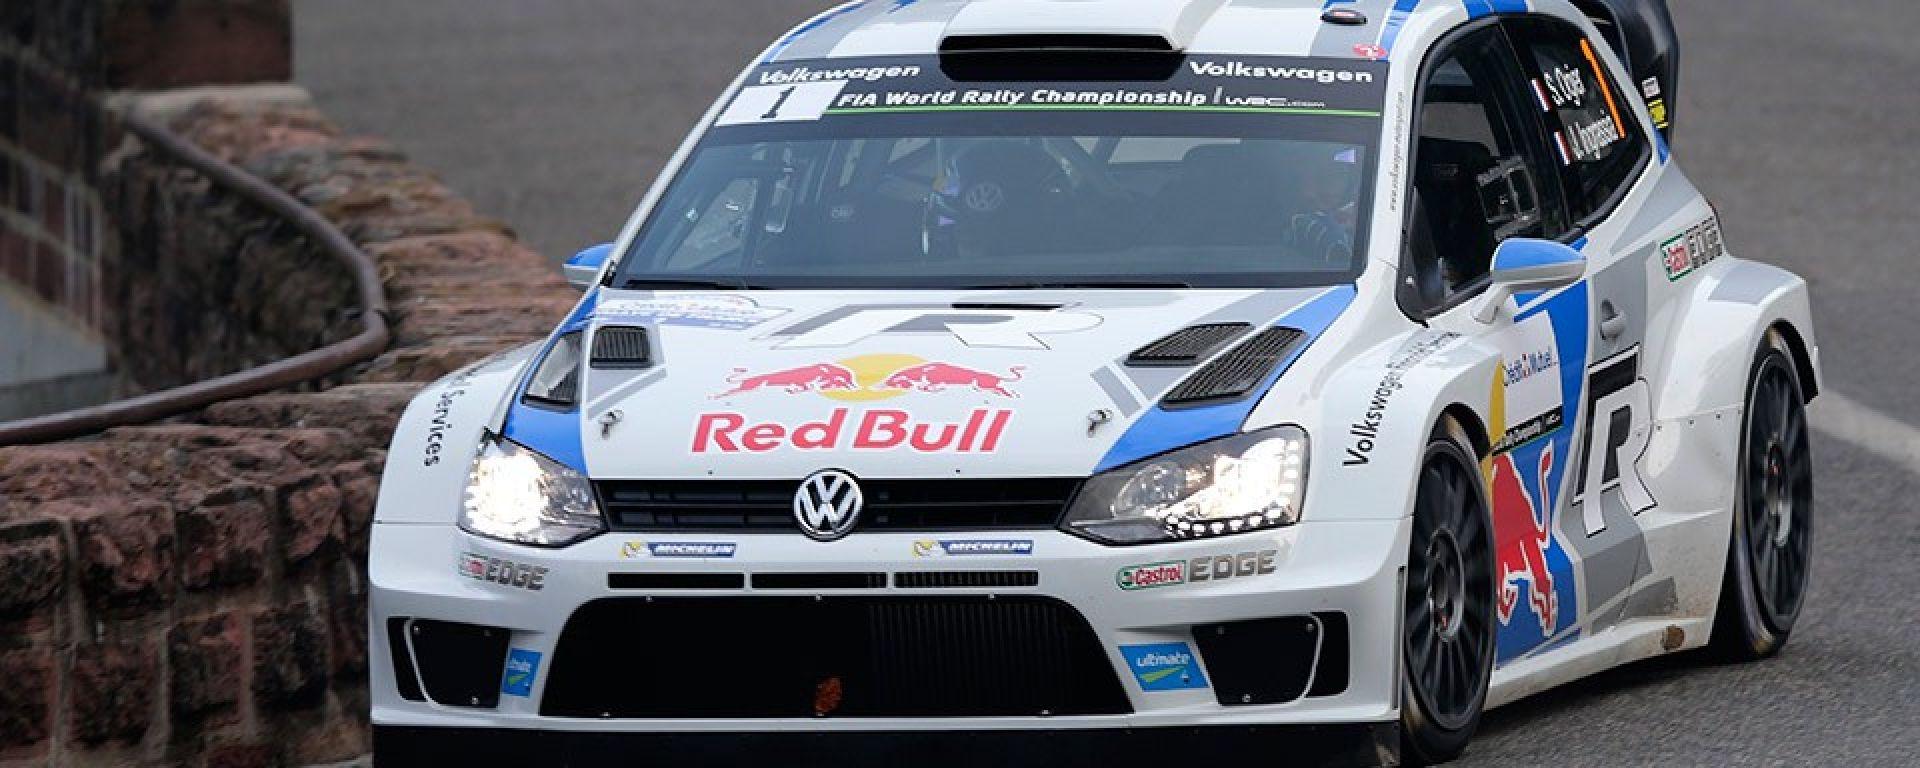 WRC 2016: Sébastien Ogier e le sue due sfide